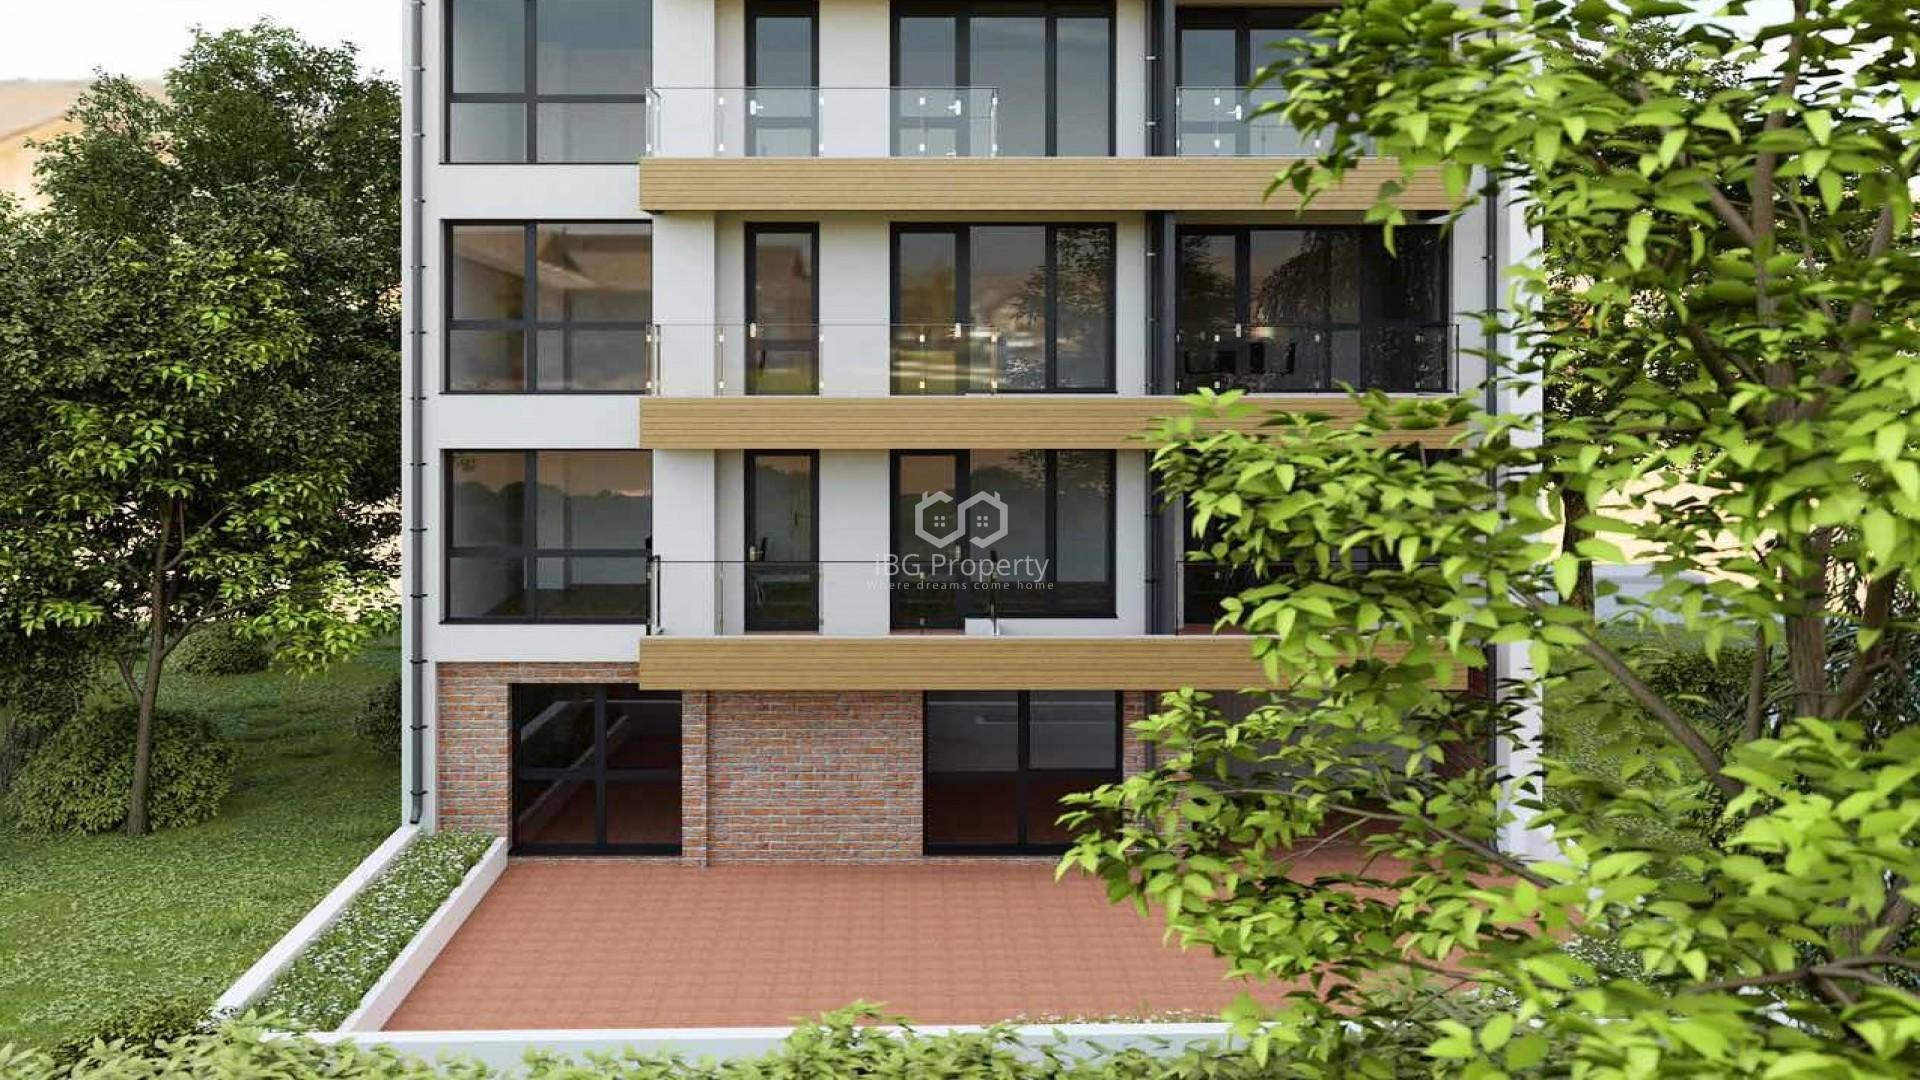 Трехкомнатная квартира Лятно кино Тракия Варна 117 m2